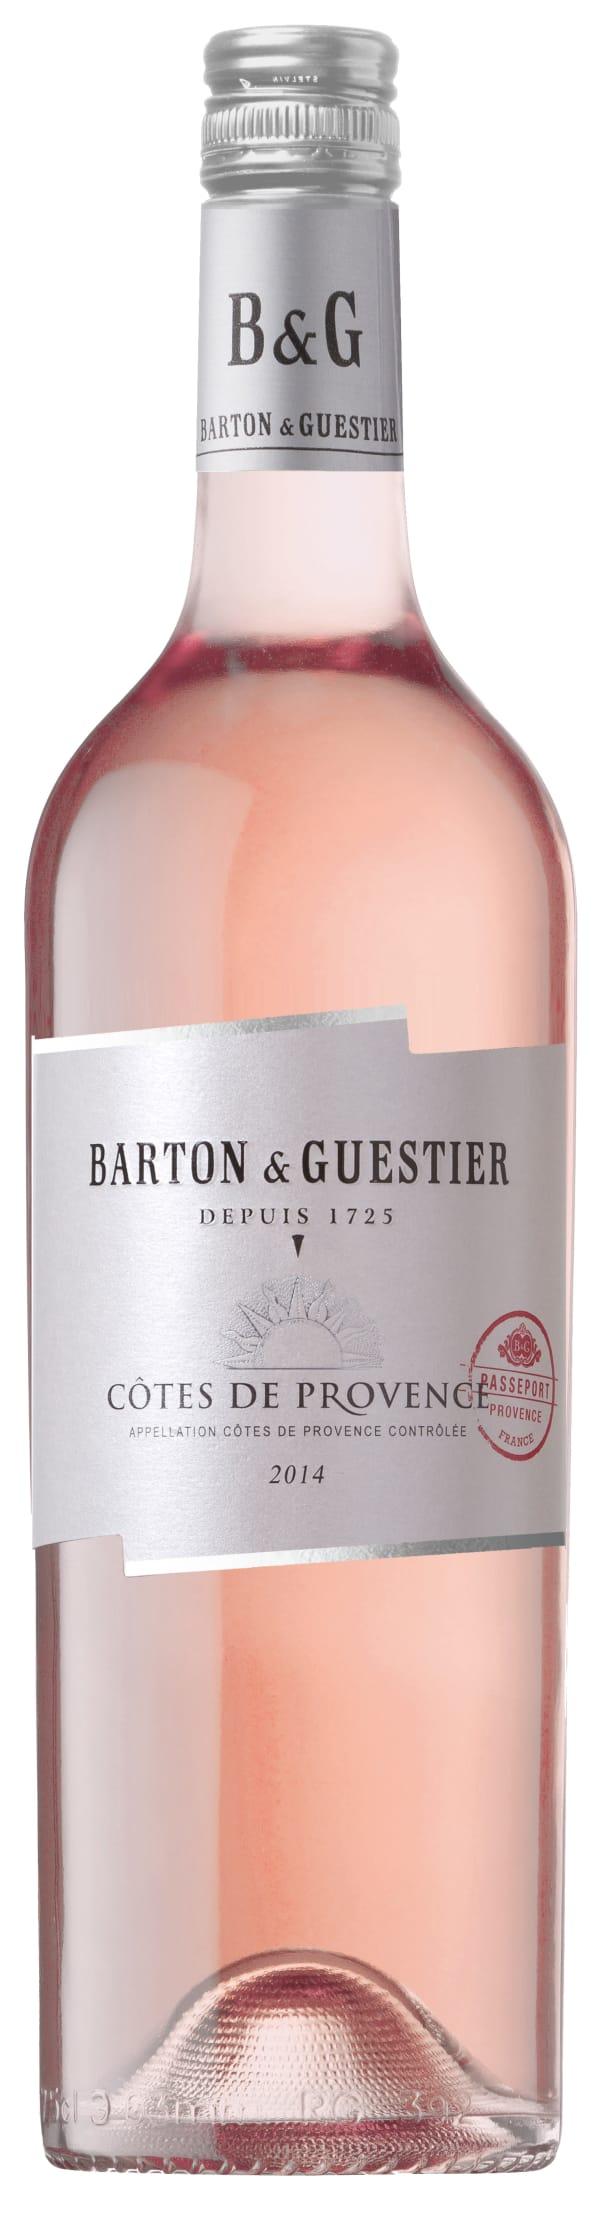 Barton & Guestier Rosé 2016